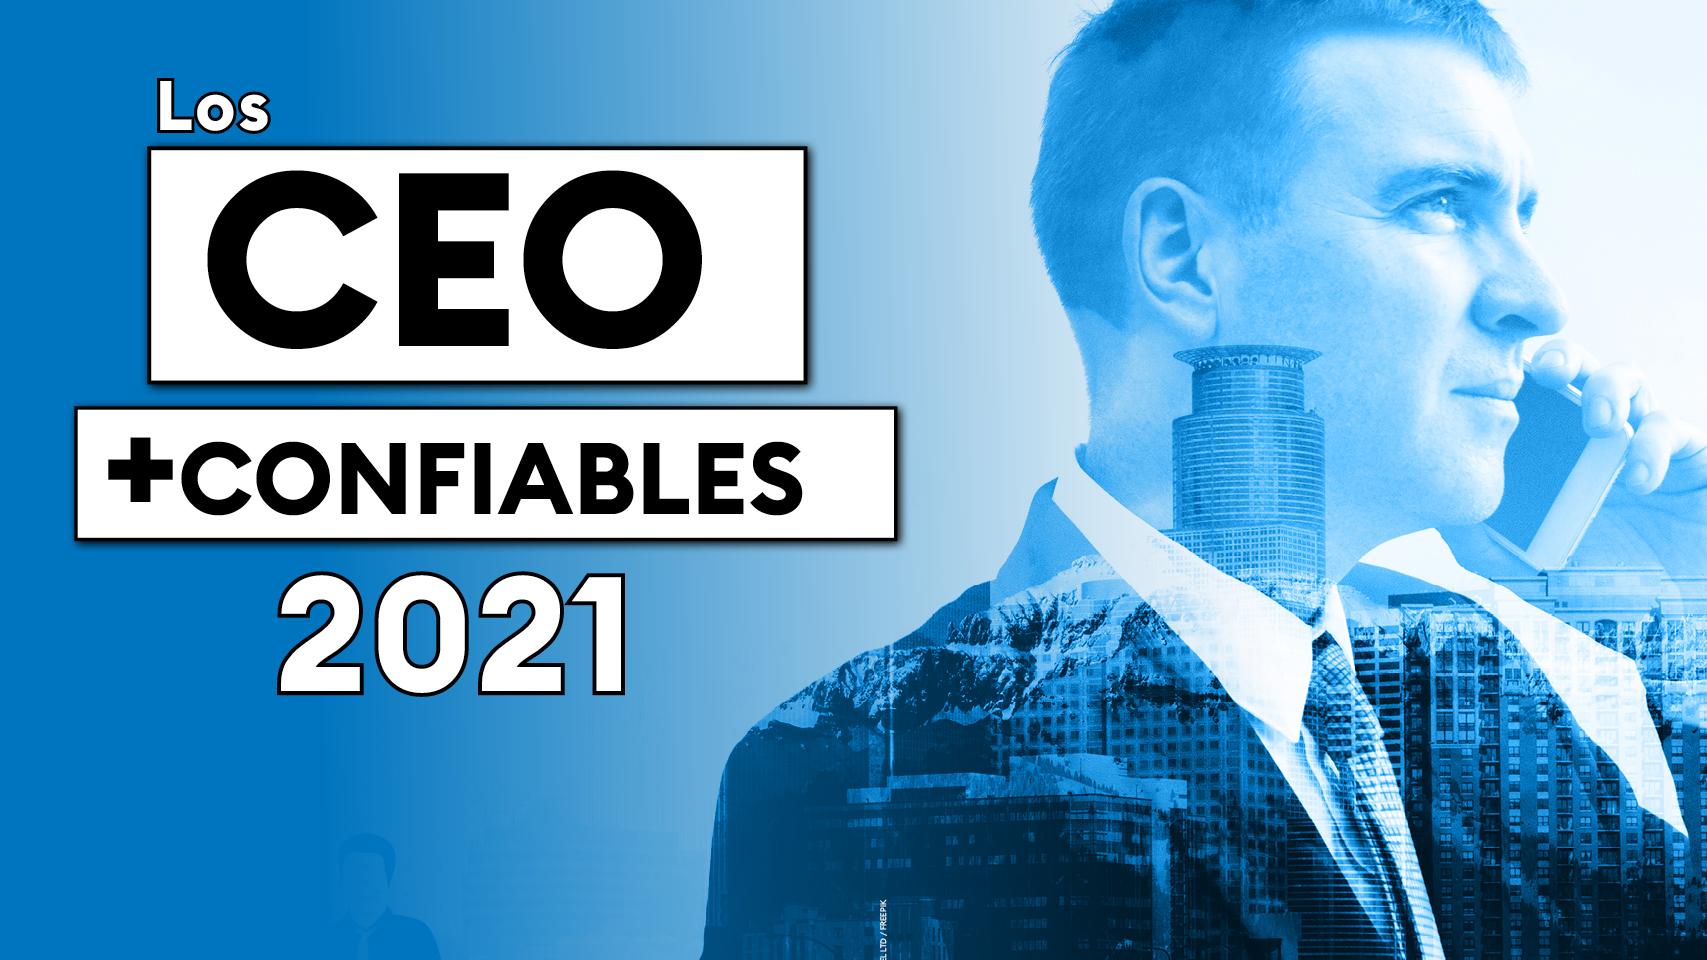 Los CEO más confiables del 2021